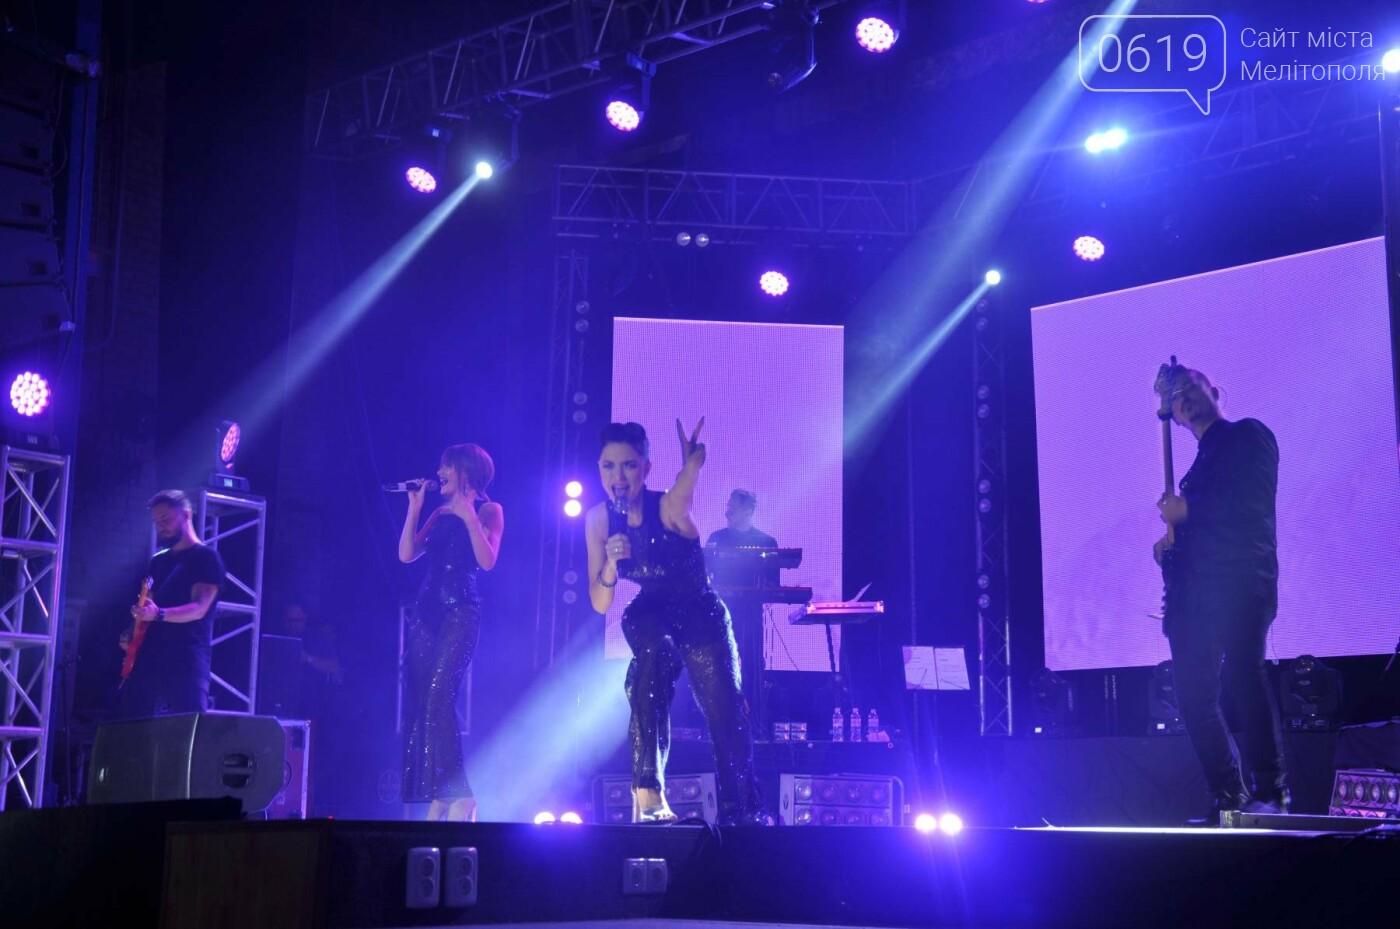 """В Мелитополе состоялся концерт группы """"НеАнгелы"""". Фоторепортаж , фото-8, Фото сайта 0619"""